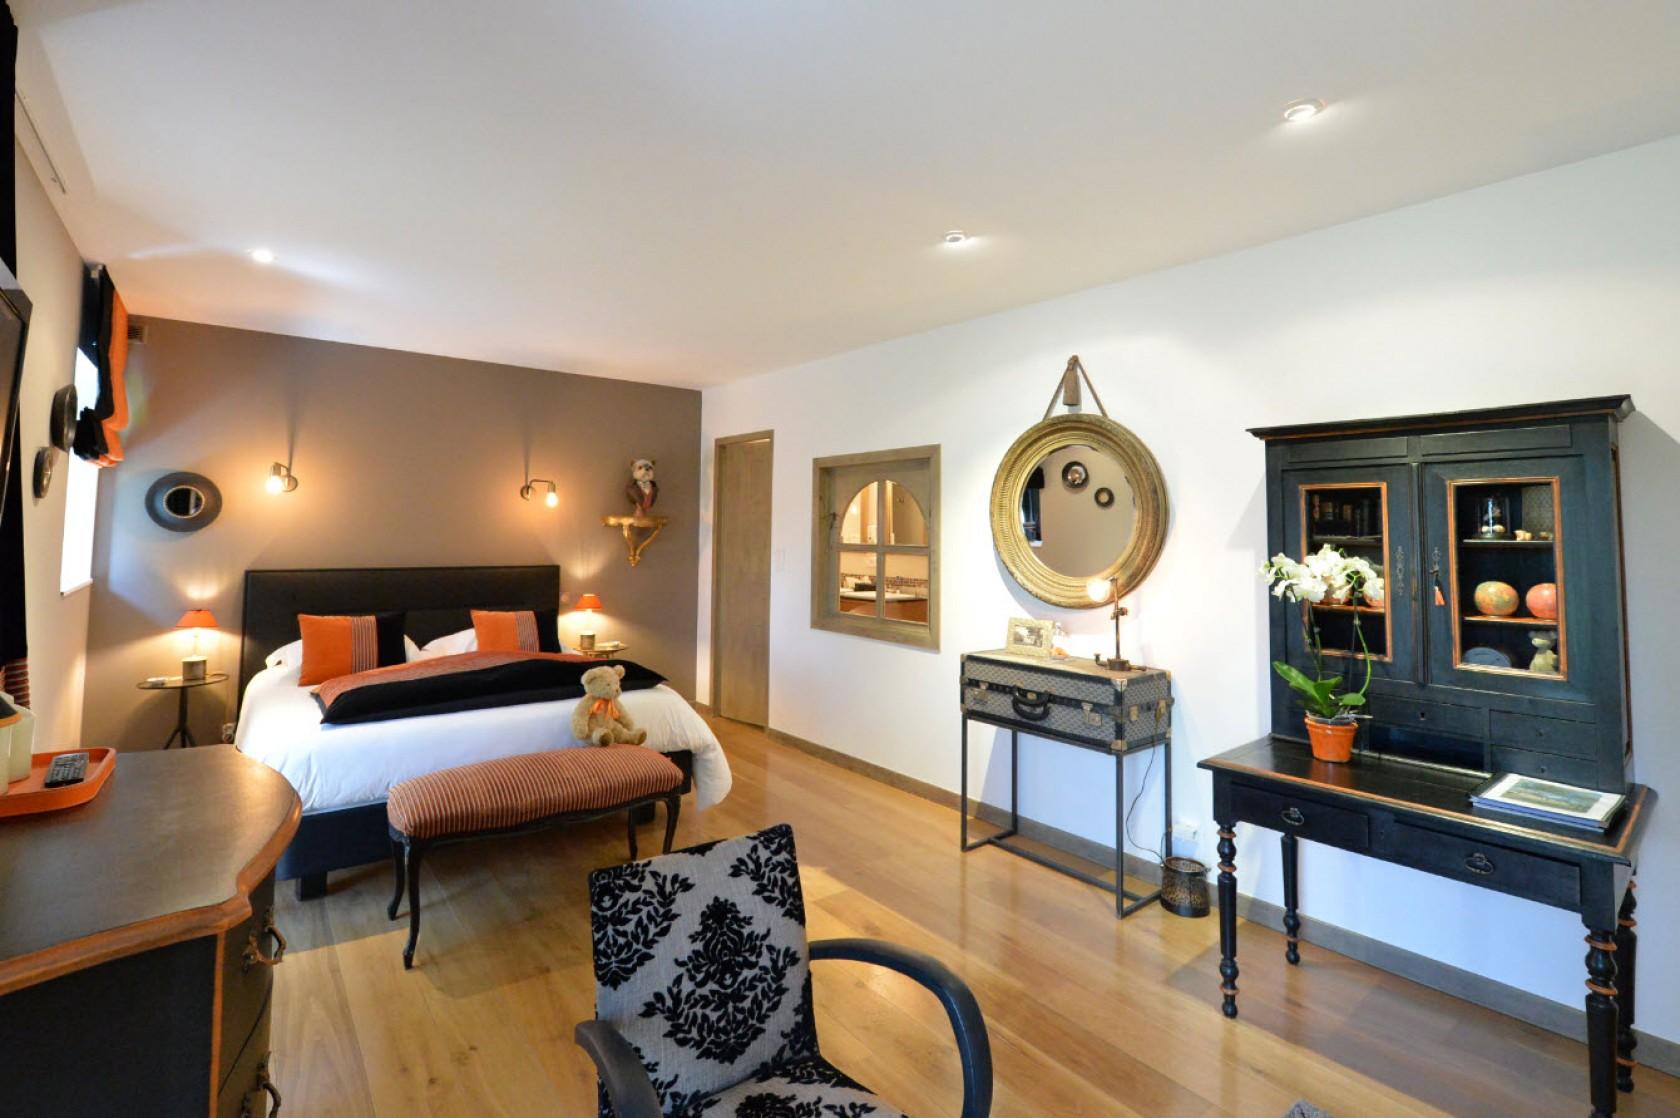 le val de brangon destination inspiration for travellers. Black Bedroom Furniture Sets. Home Design Ideas